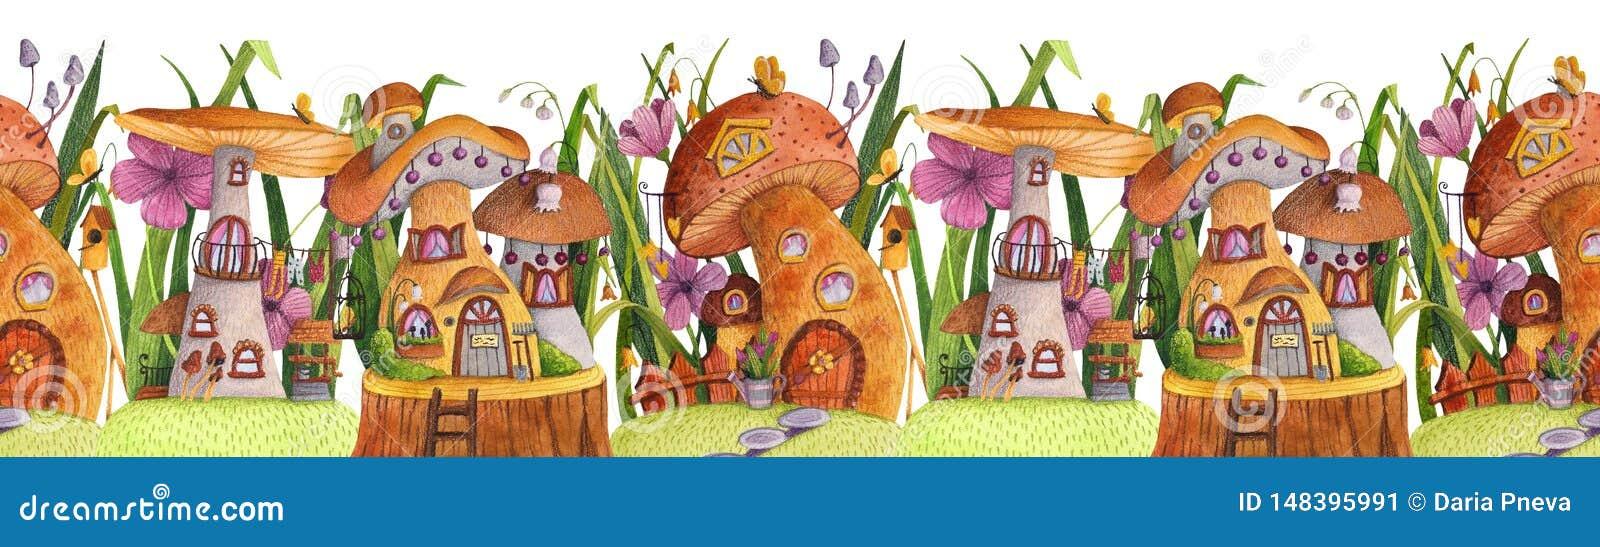 Άνευ ραφής σύνορα Οδός των σπιτιών μανιταριών με τη χλόη, λουλούδια, πεταλούδα, να τοποθετηθεί κιβώτιο, φράκτης, έμβλημα και καλά